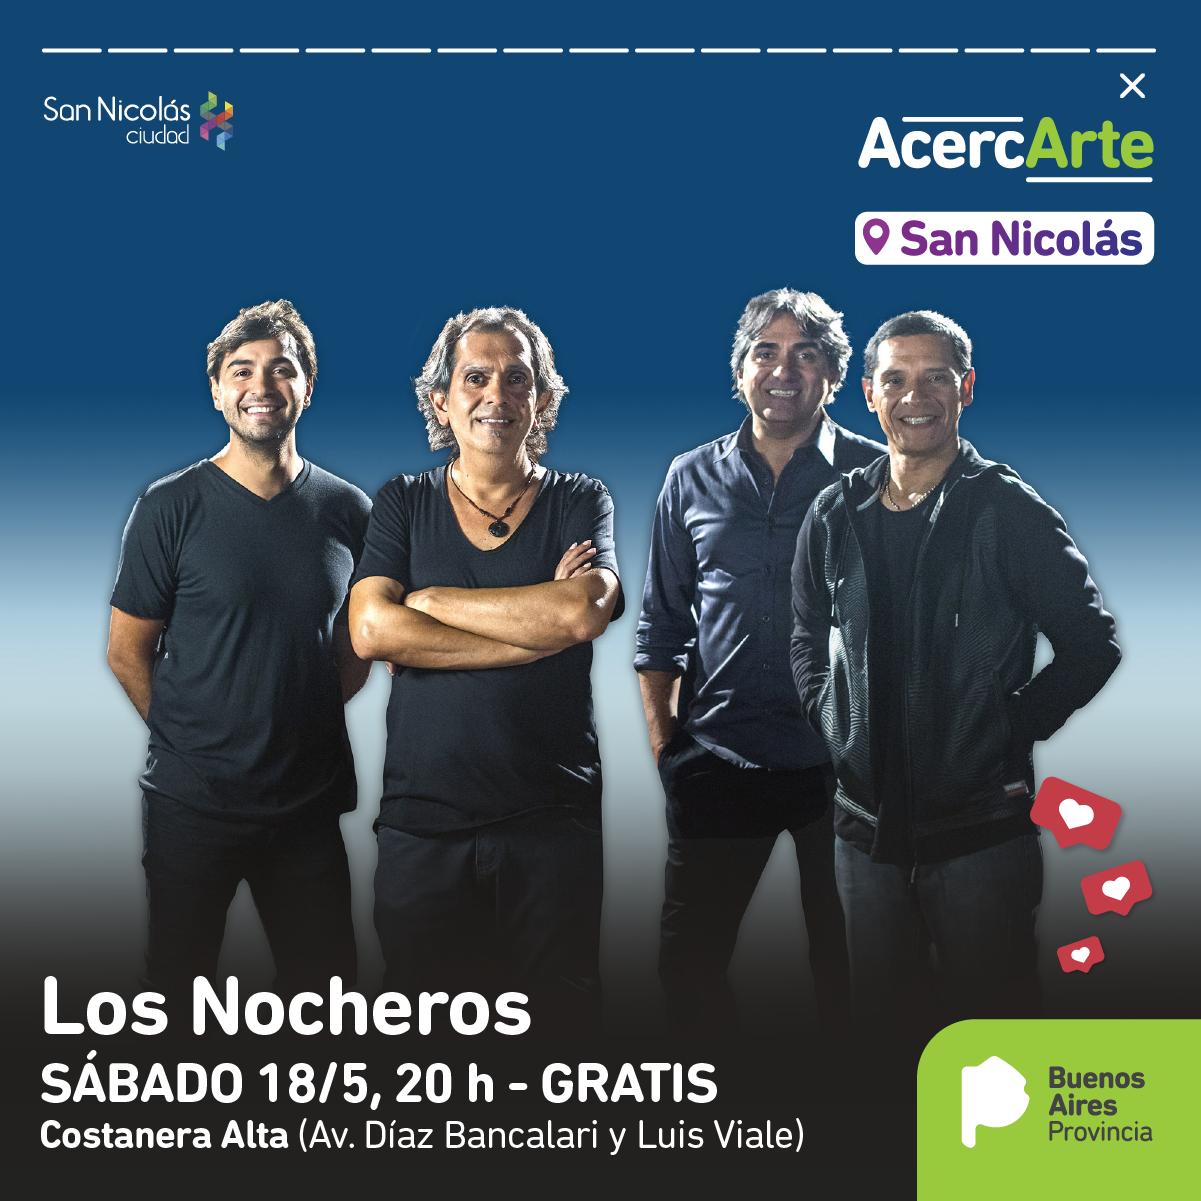 Llega ACERCARTE a San Nicolás con la música de Los Nocheros